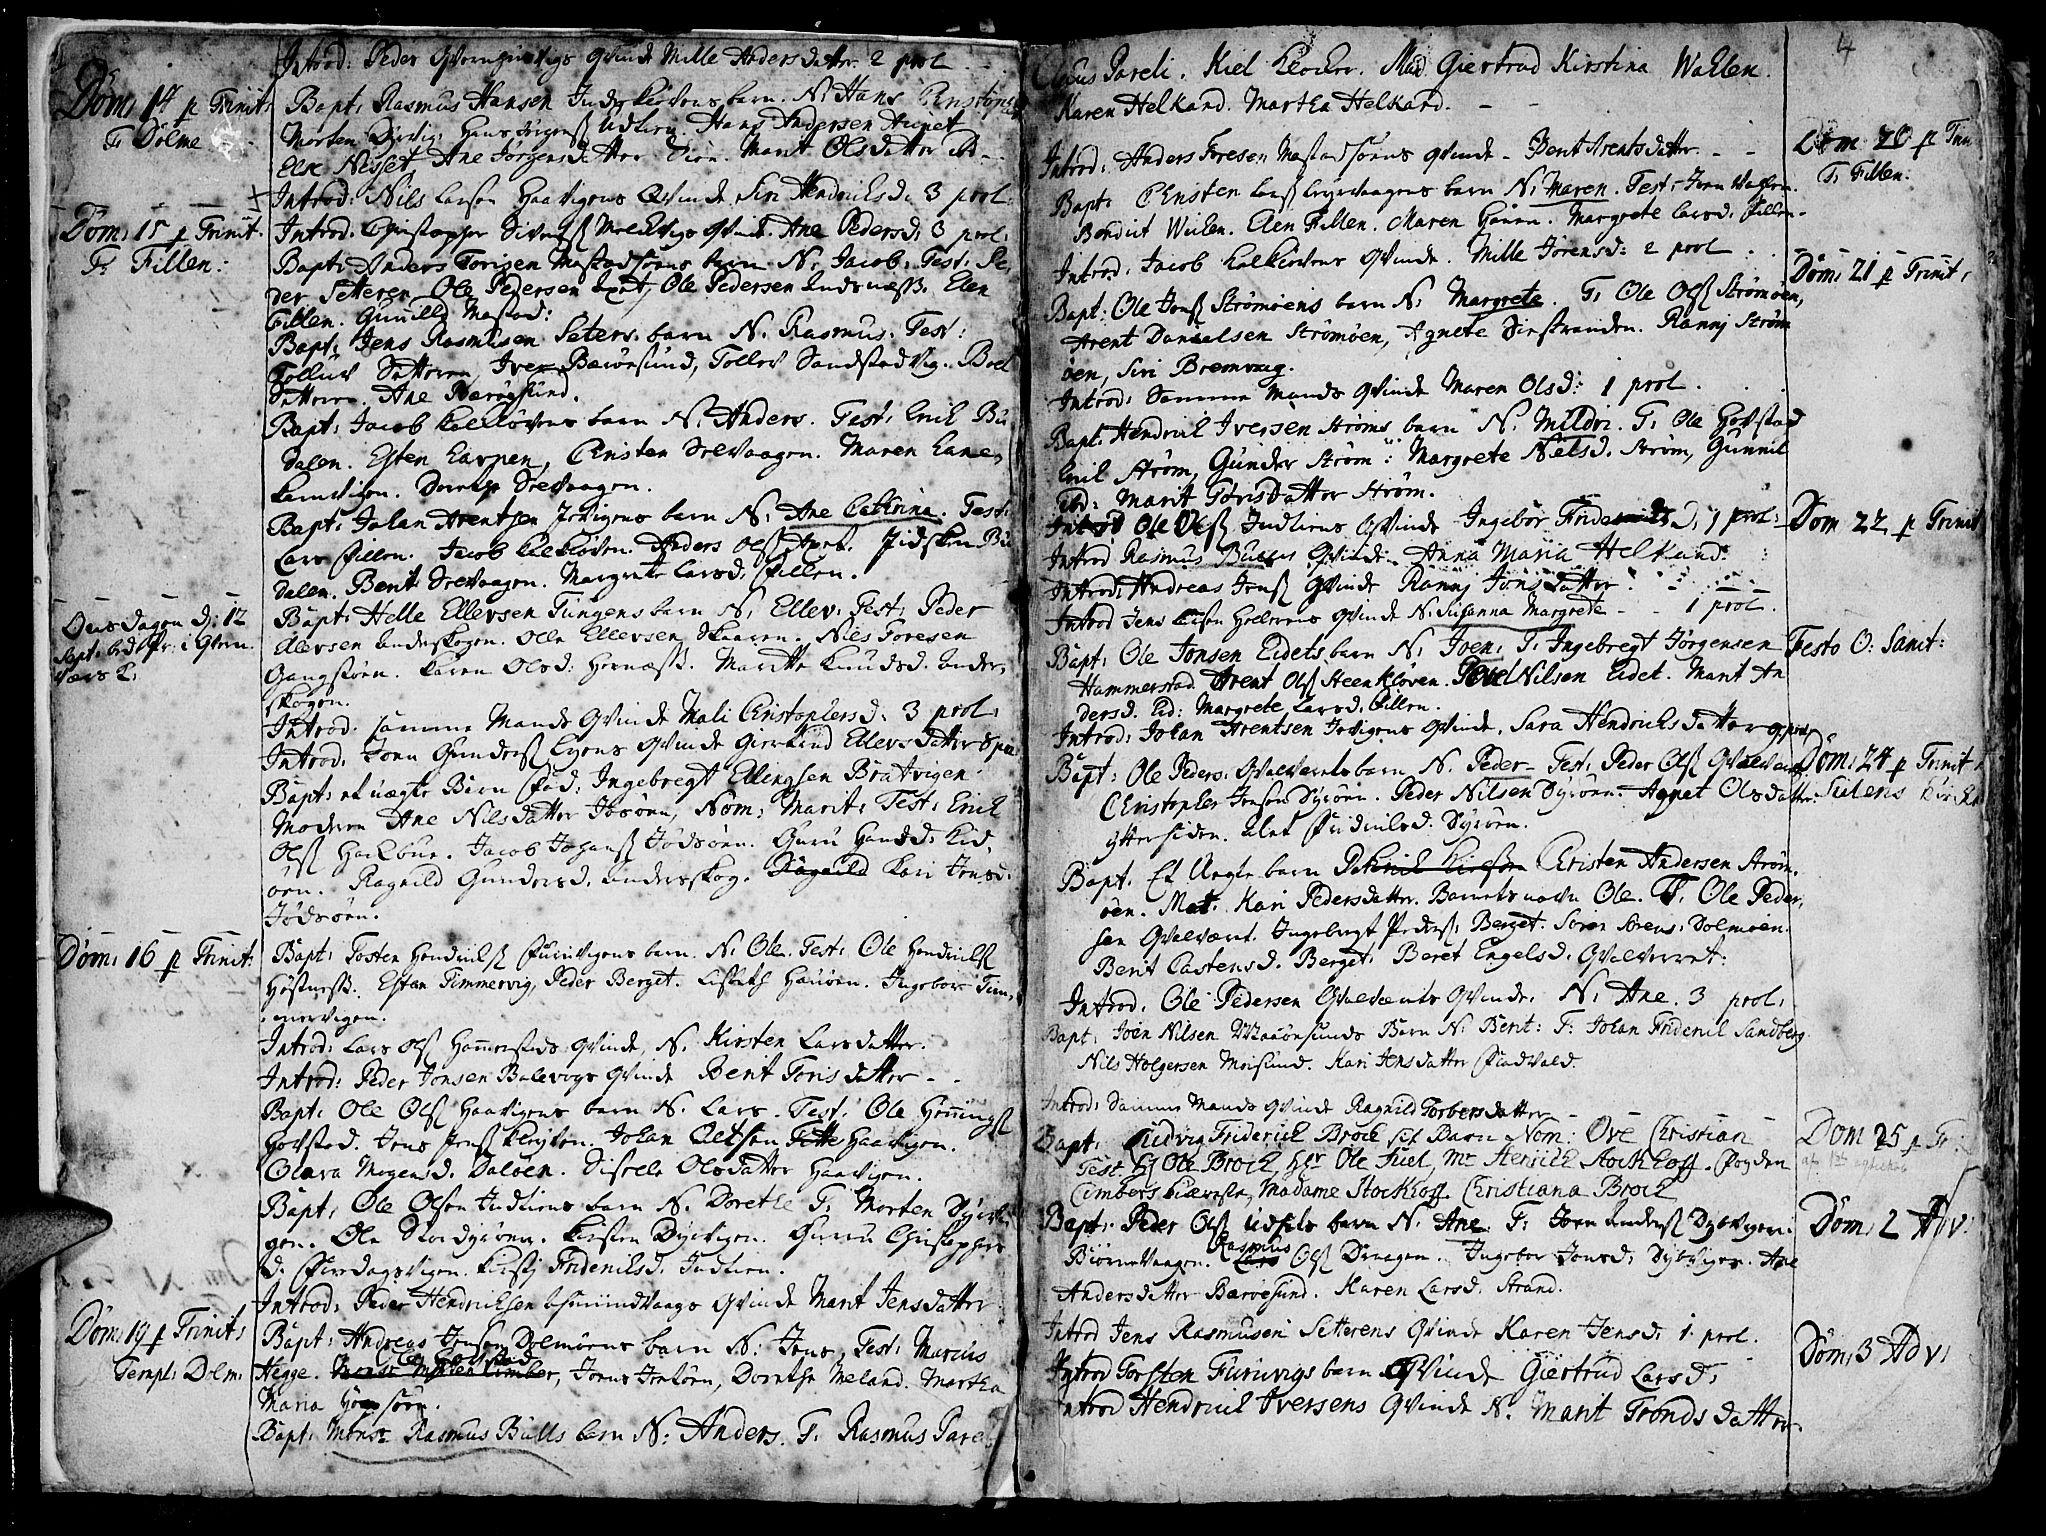 SAT, Ministerialprotokoller, klokkerbøker og fødselsregistre - Sør-Trøndelag, 634/L0525: Ministerialbok nr. 634A01, 1736-1775, s. 4